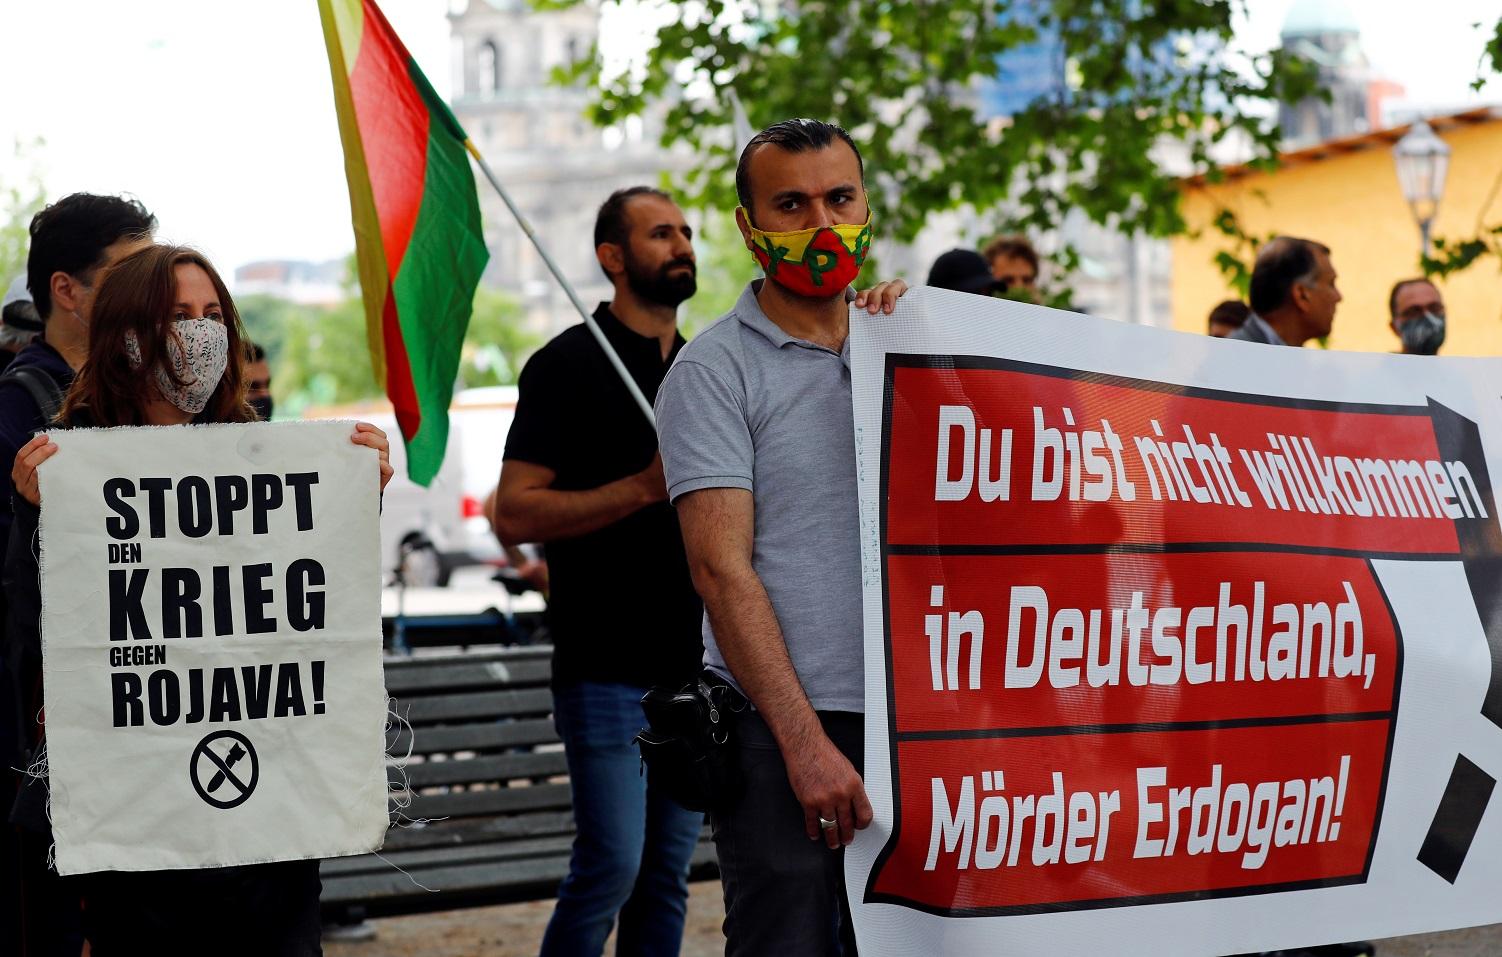 لافتة مكتوب عليها و أنت غير مرحب بك في ألمانيا ، قتل أردوغان